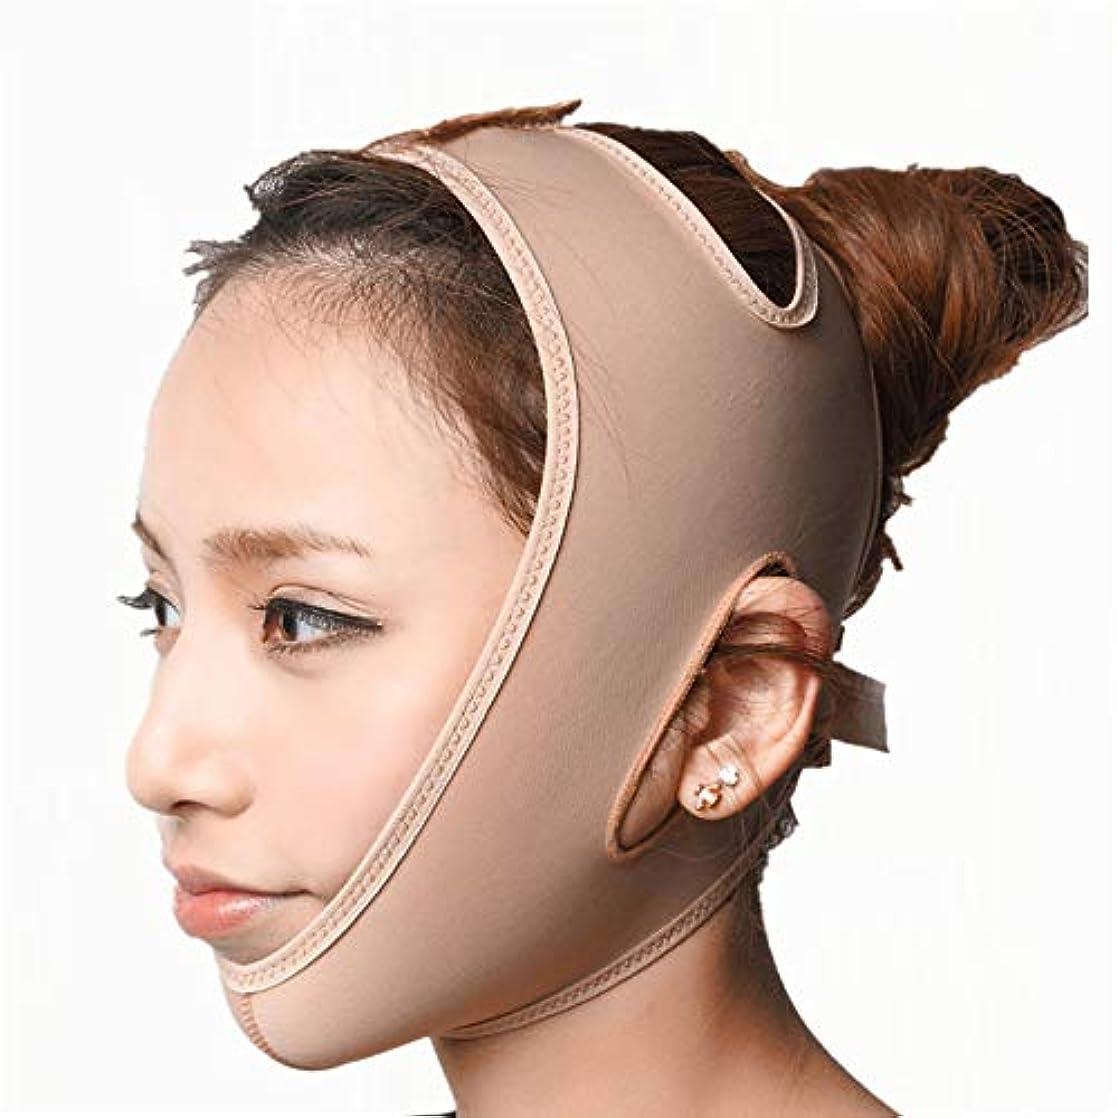 気晴らしアクセシブル注入飛強強 顔の持ち上がる痩身ベルト - アンチエイジングリンクルフェイスマスクベルトシンフェイス包帯整形マスクは顔と首を締めますフェイススリム スリムフィット美容ツール (Size : L)